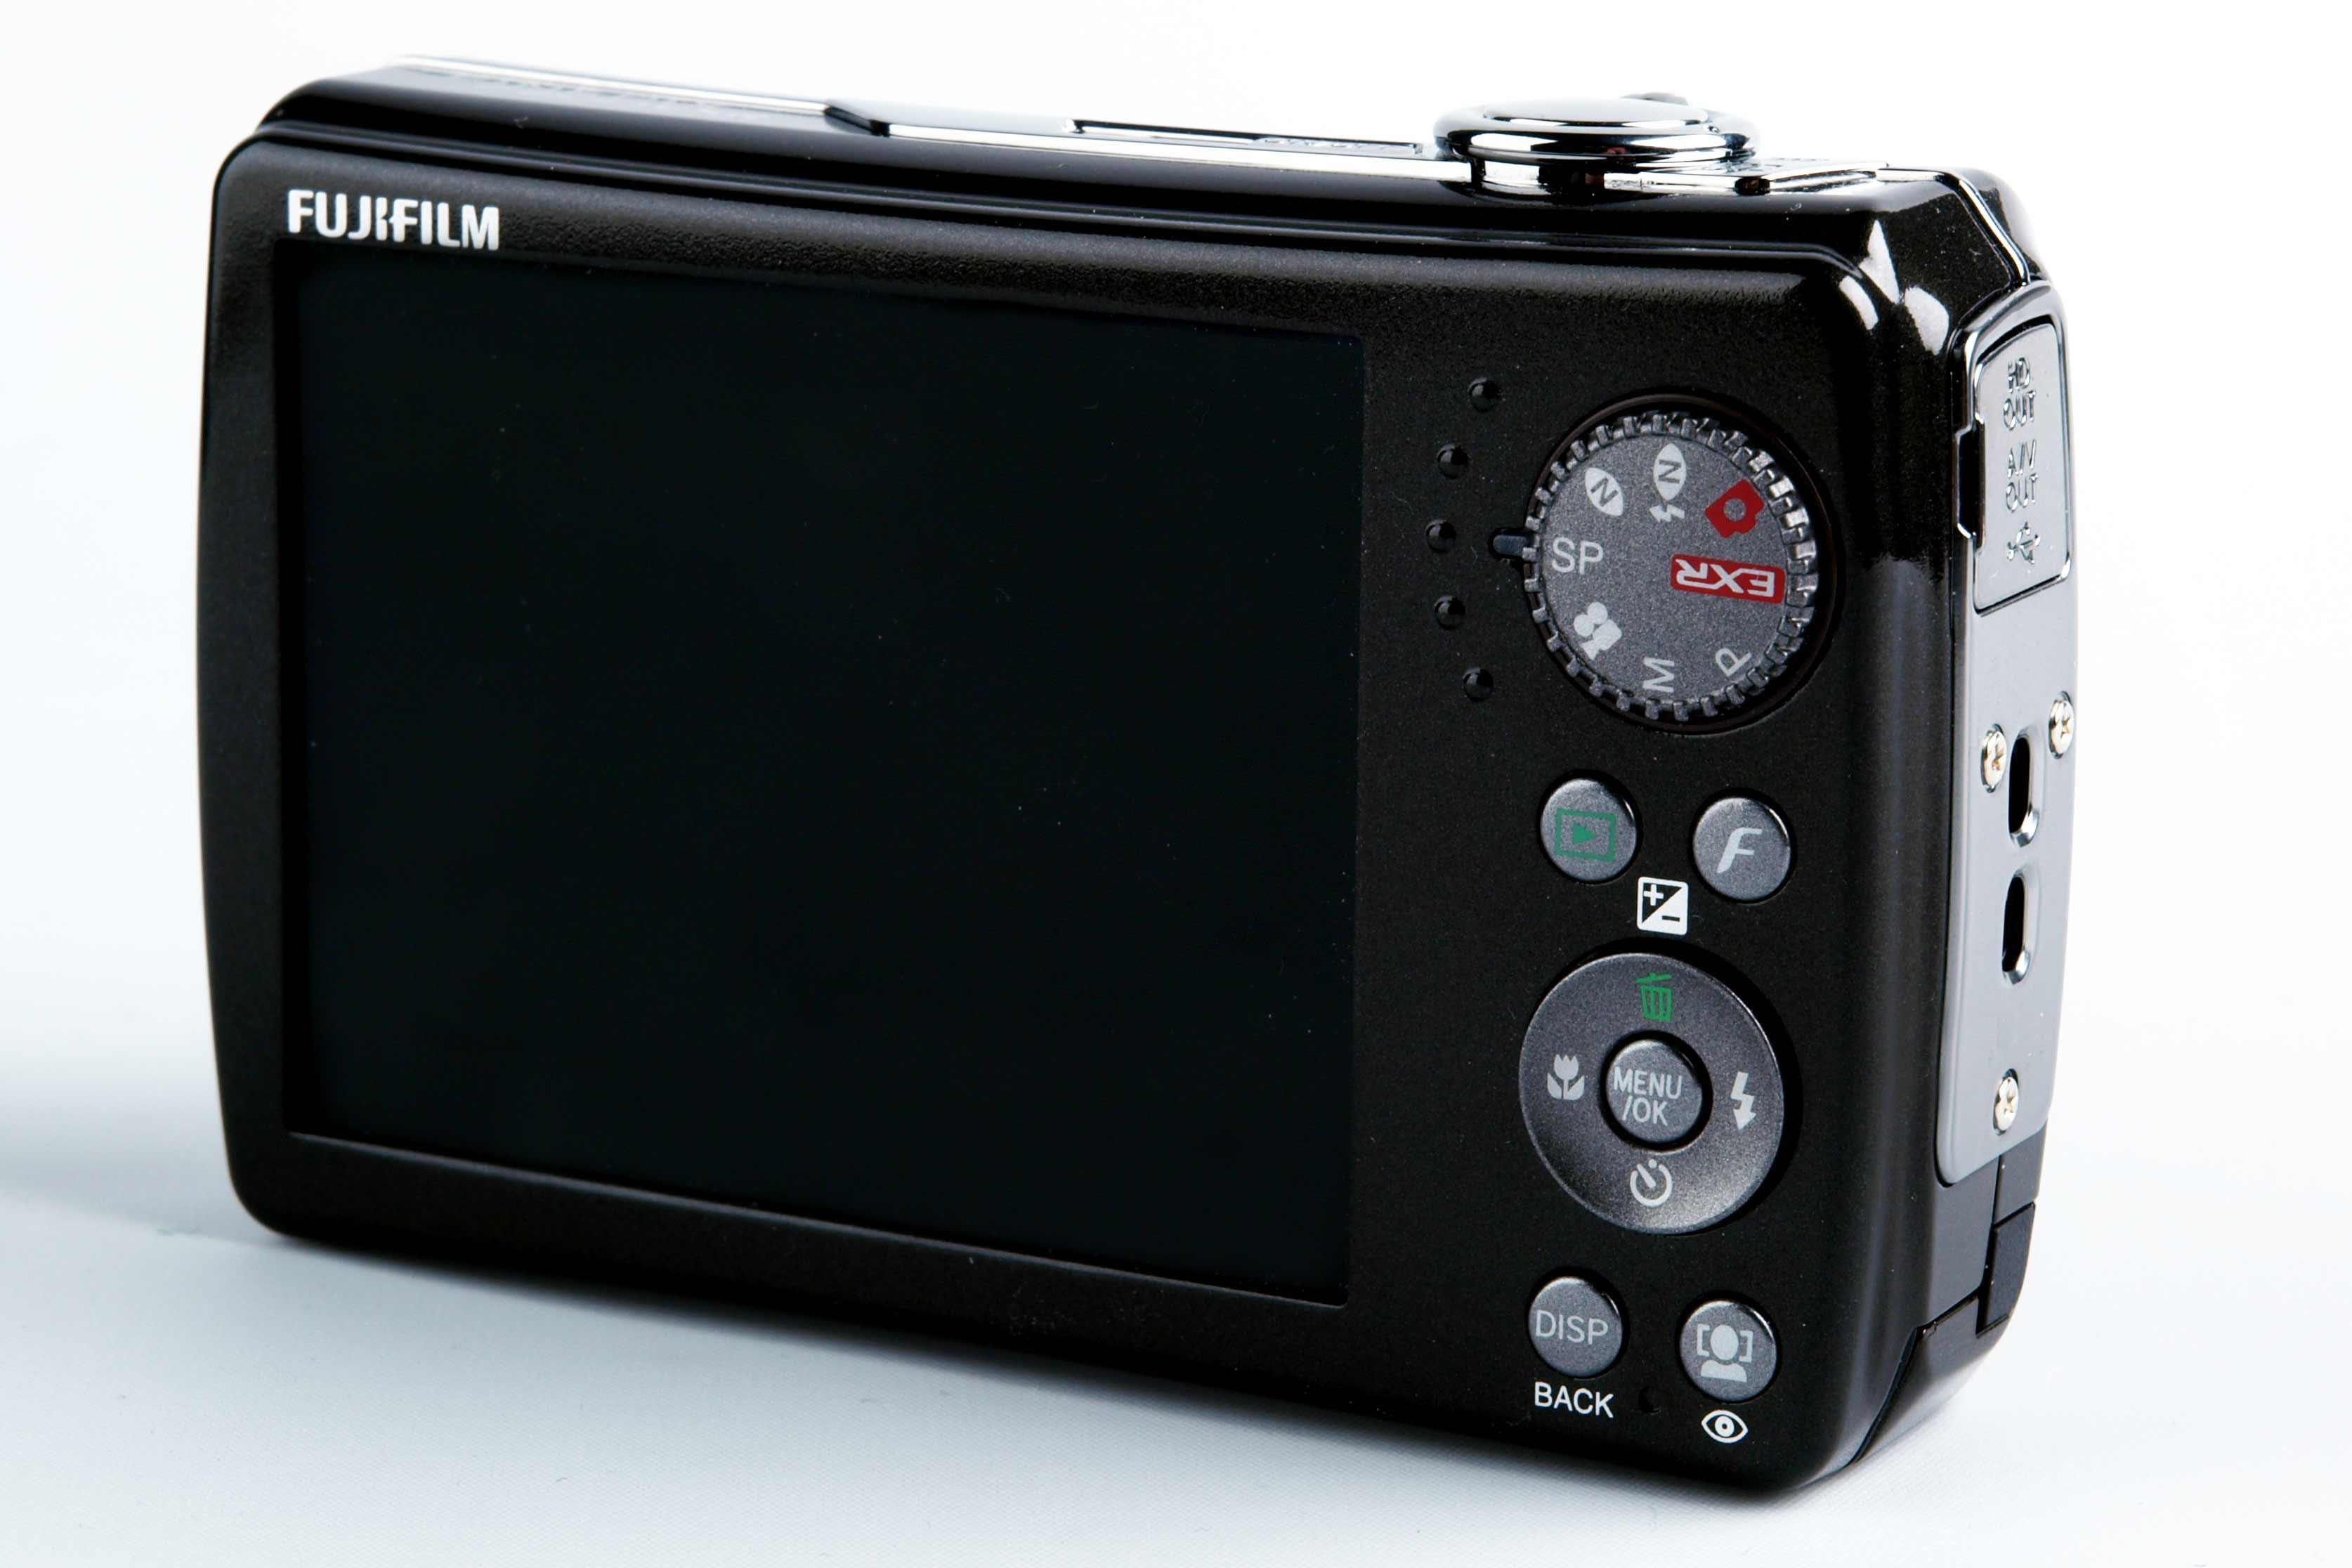 Drivers Update: Fujifilm FinePix F200EXR